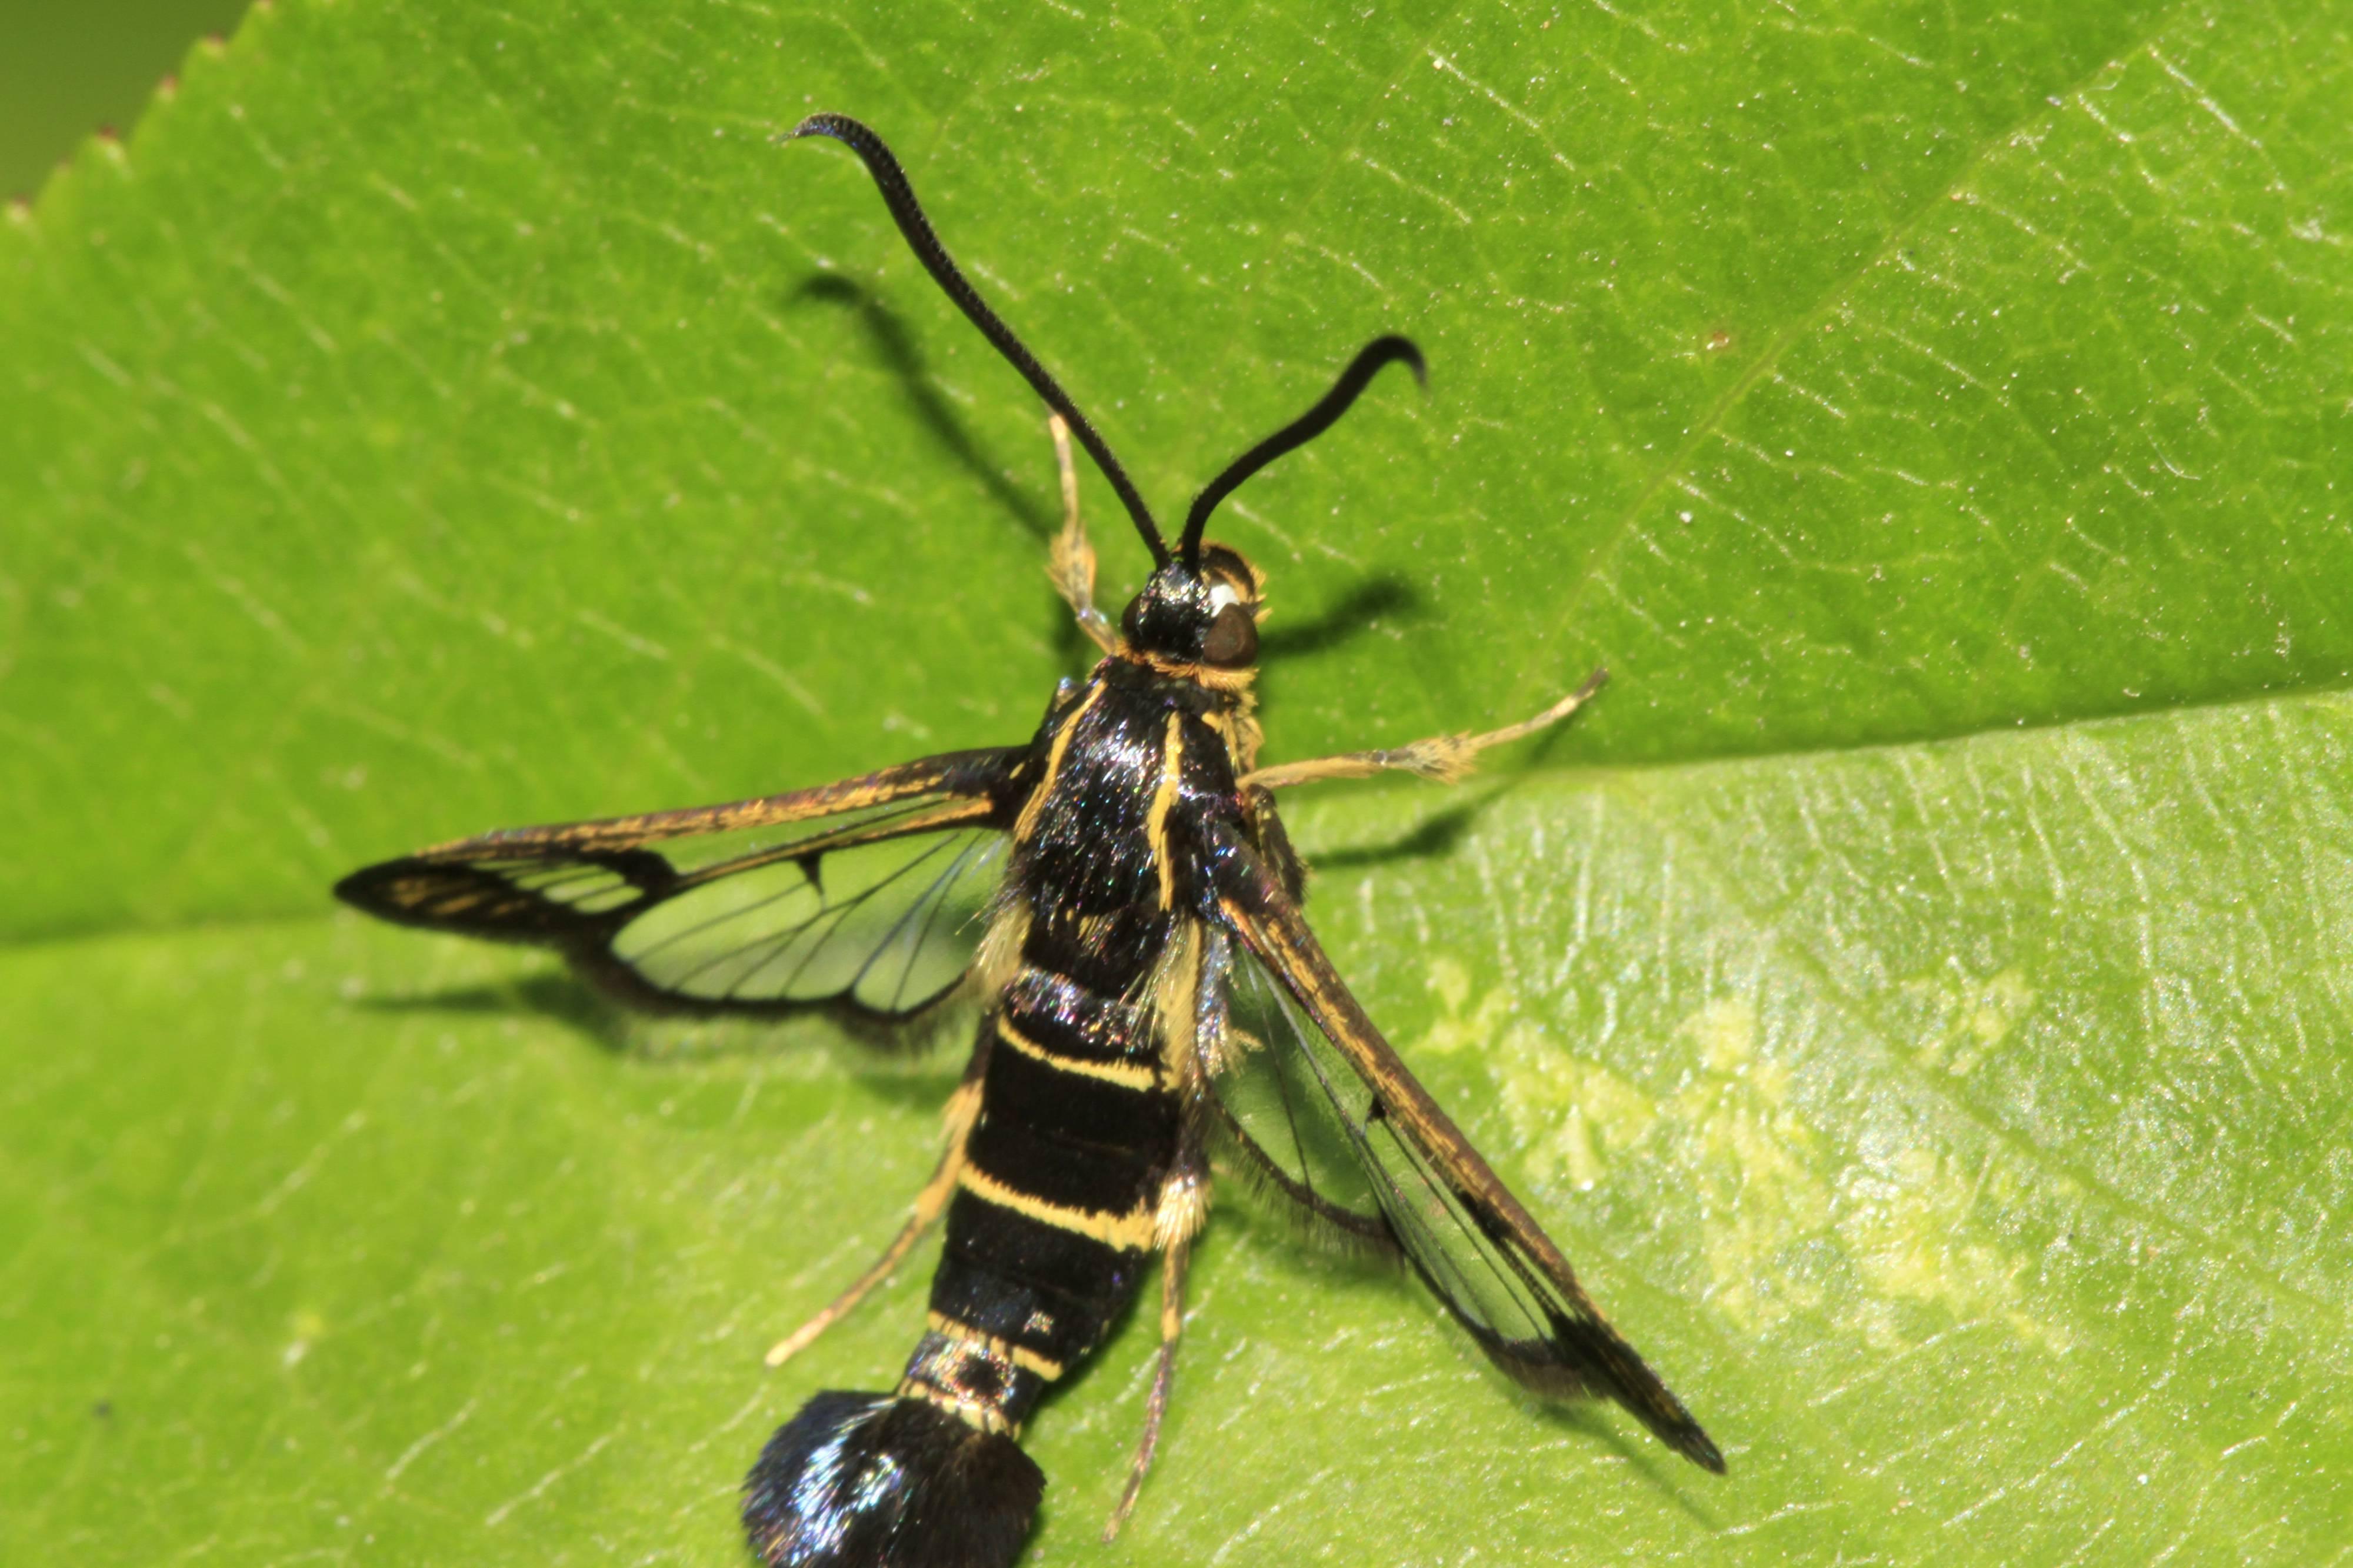 Гусеницы на смородине: как бороться, если полностью съедают листья, способы избавиться